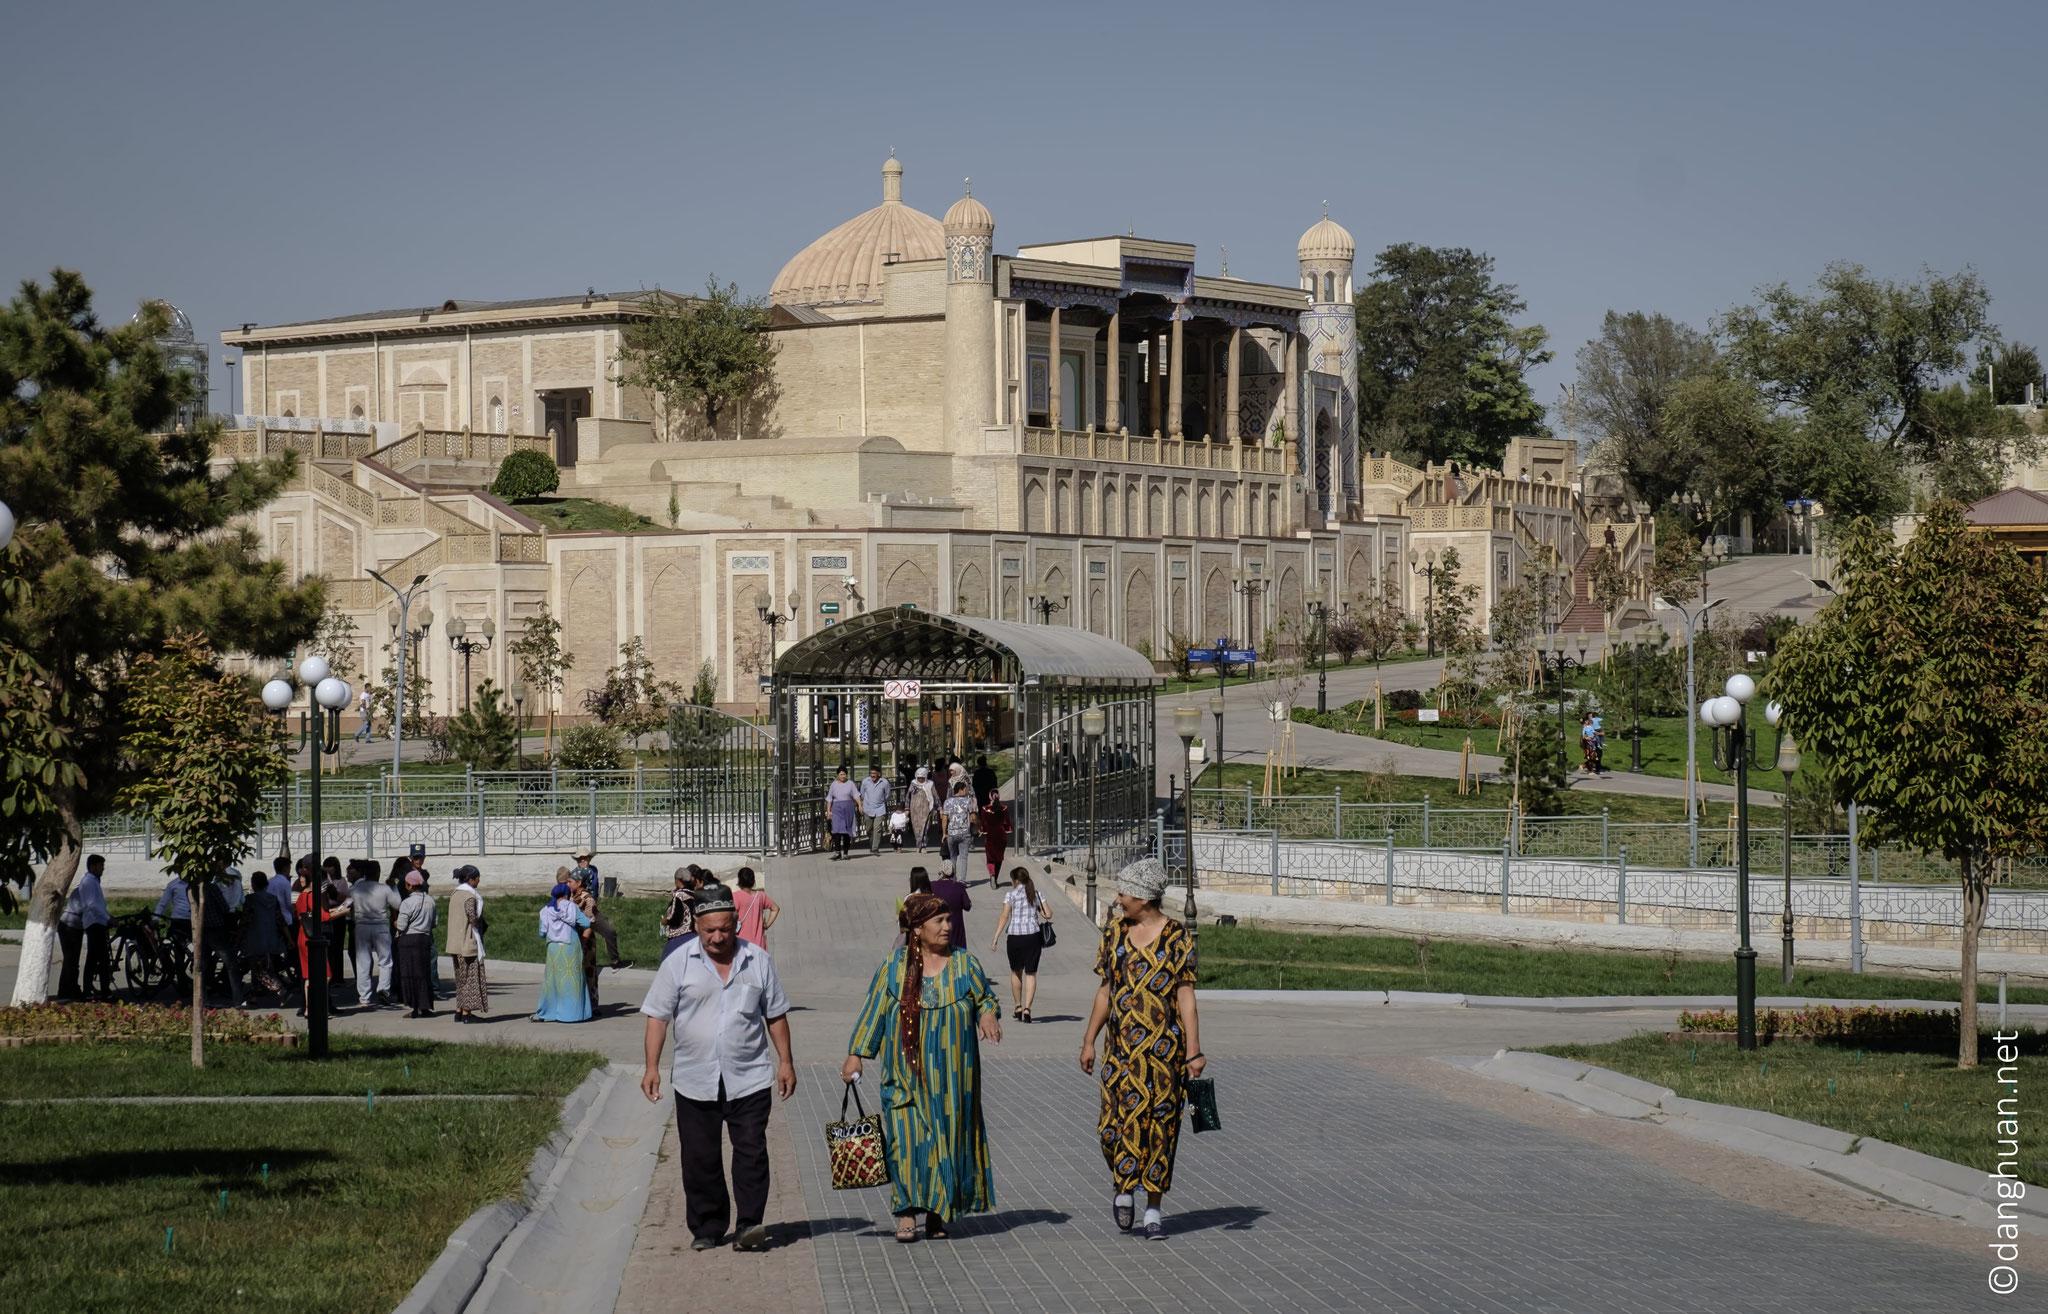 Complexe mémorial du premier président ouzbek I.A Karimov avec la mosquée du Voyageur